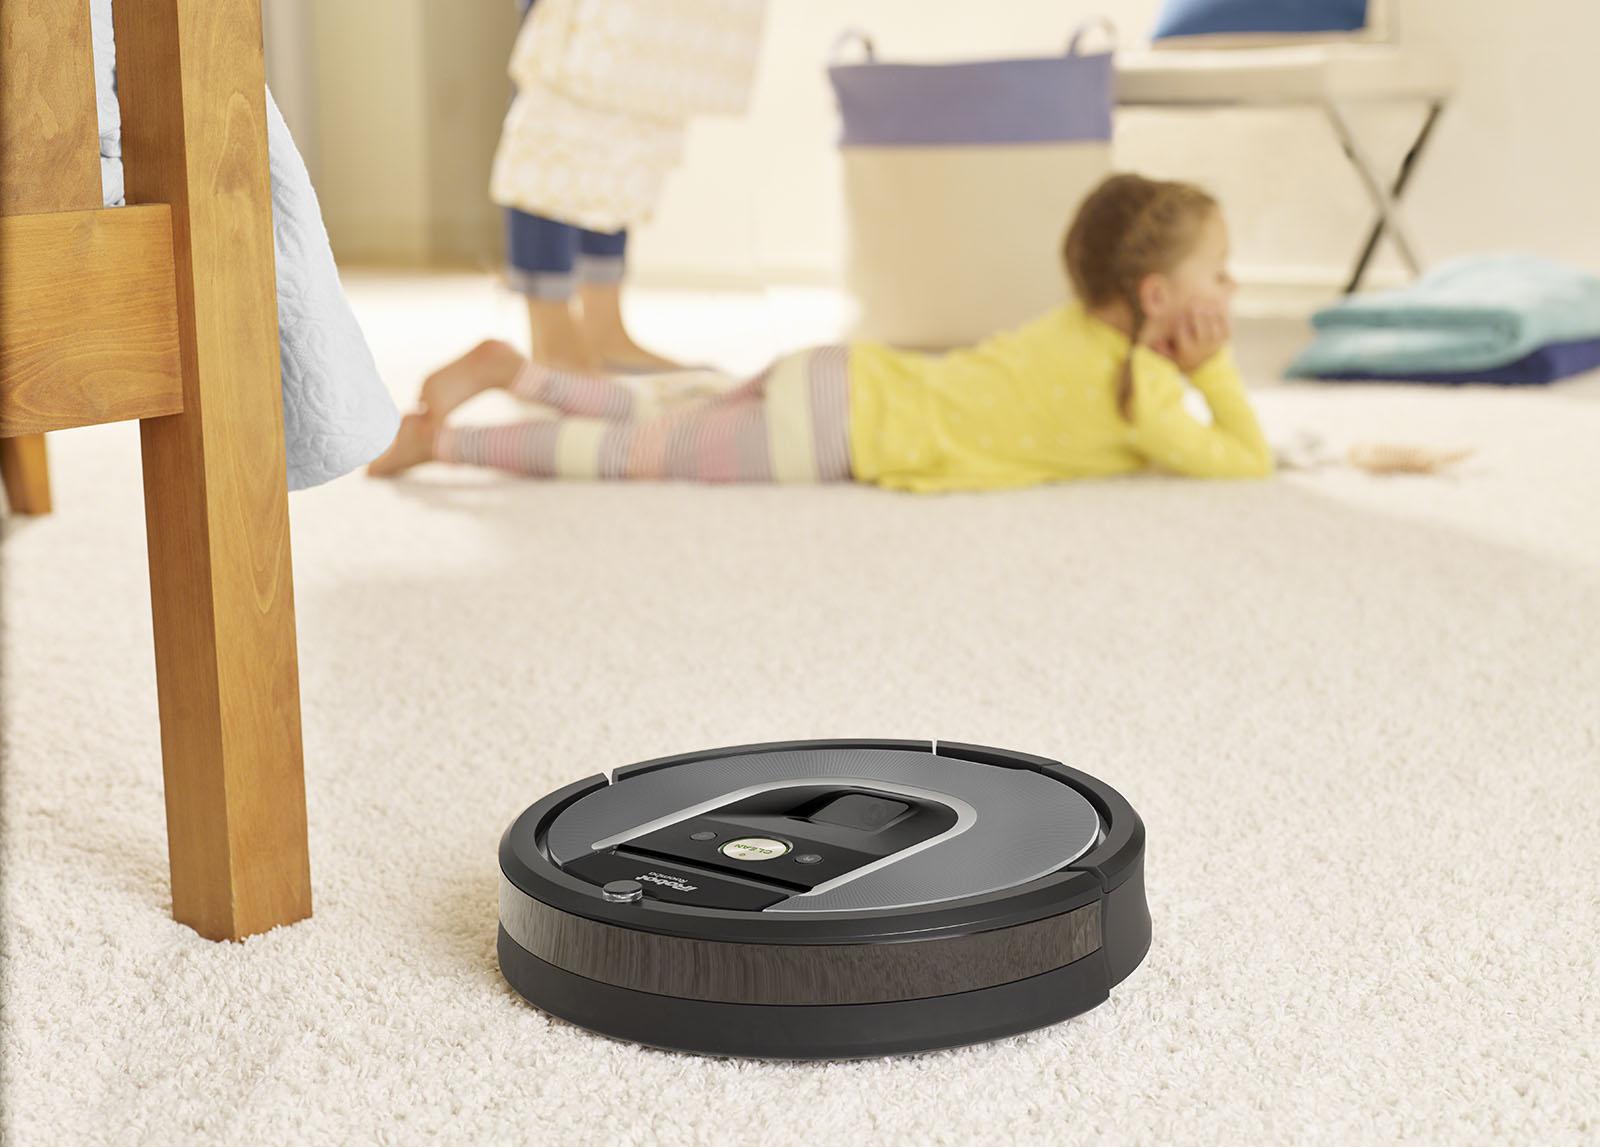 Dementi: Roomba saugt doch nur Staub und keine Daten ab (jedenfalls vorerst)